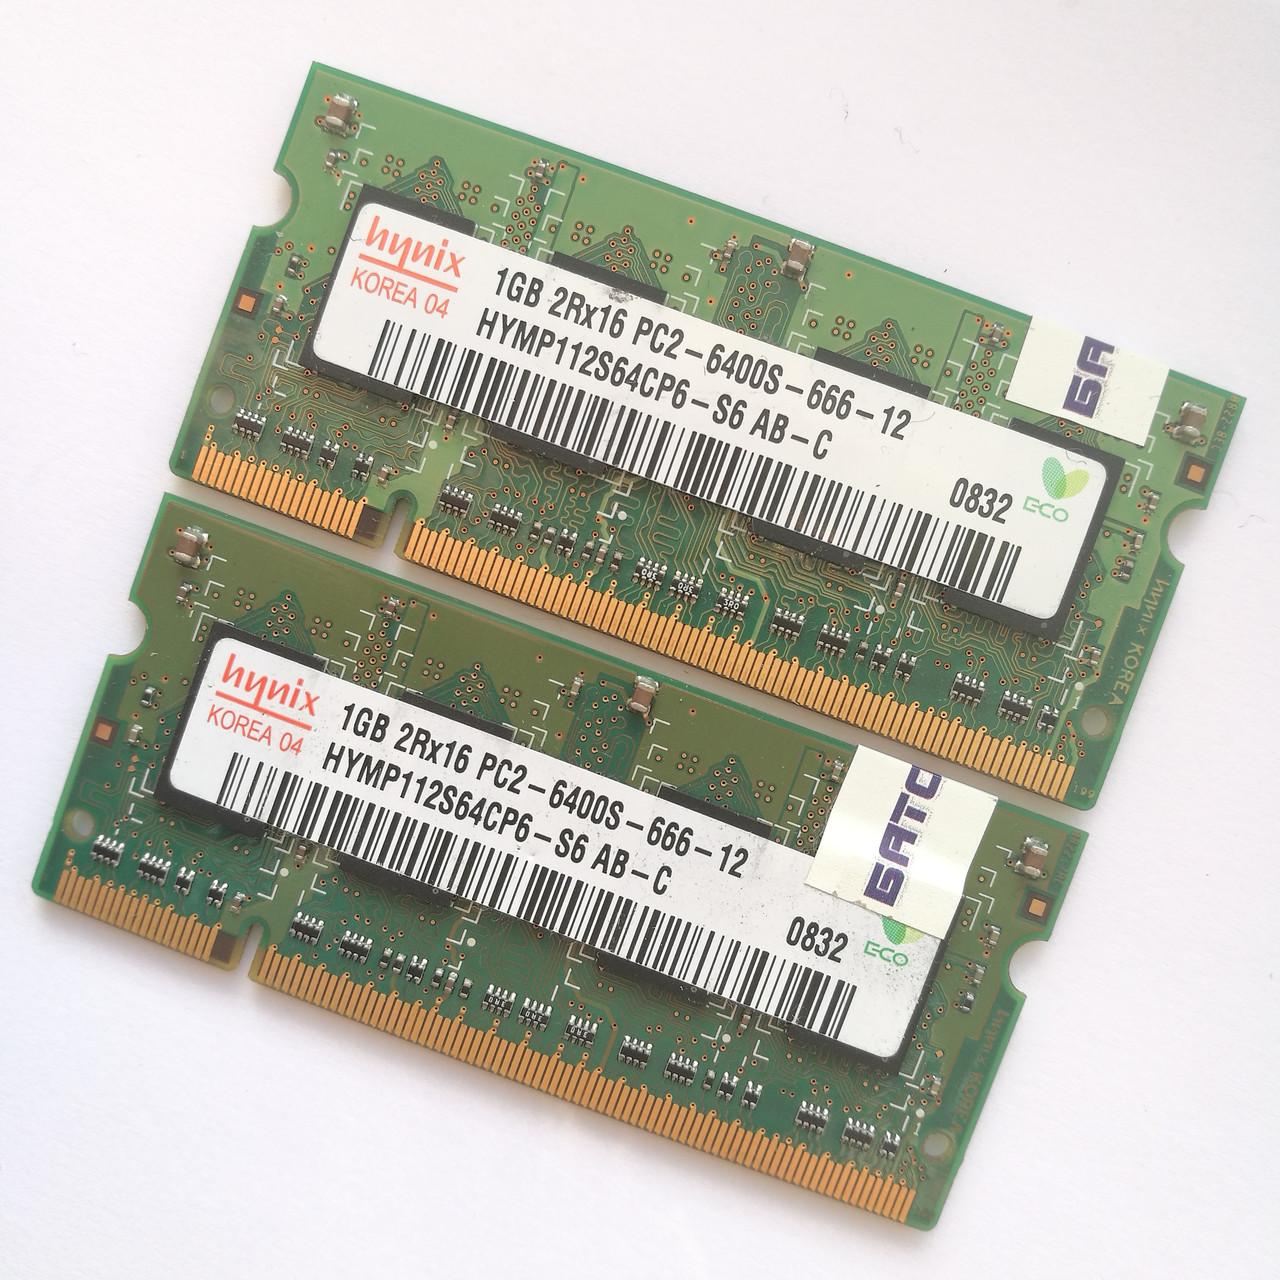 Пара оперативной памяти для ноутбука Hynix SODIMM DDR2 2Gb (1+1) 800MHz 6400s CL6 (HYMP112S64CP6-S6 AB-C) Б/У